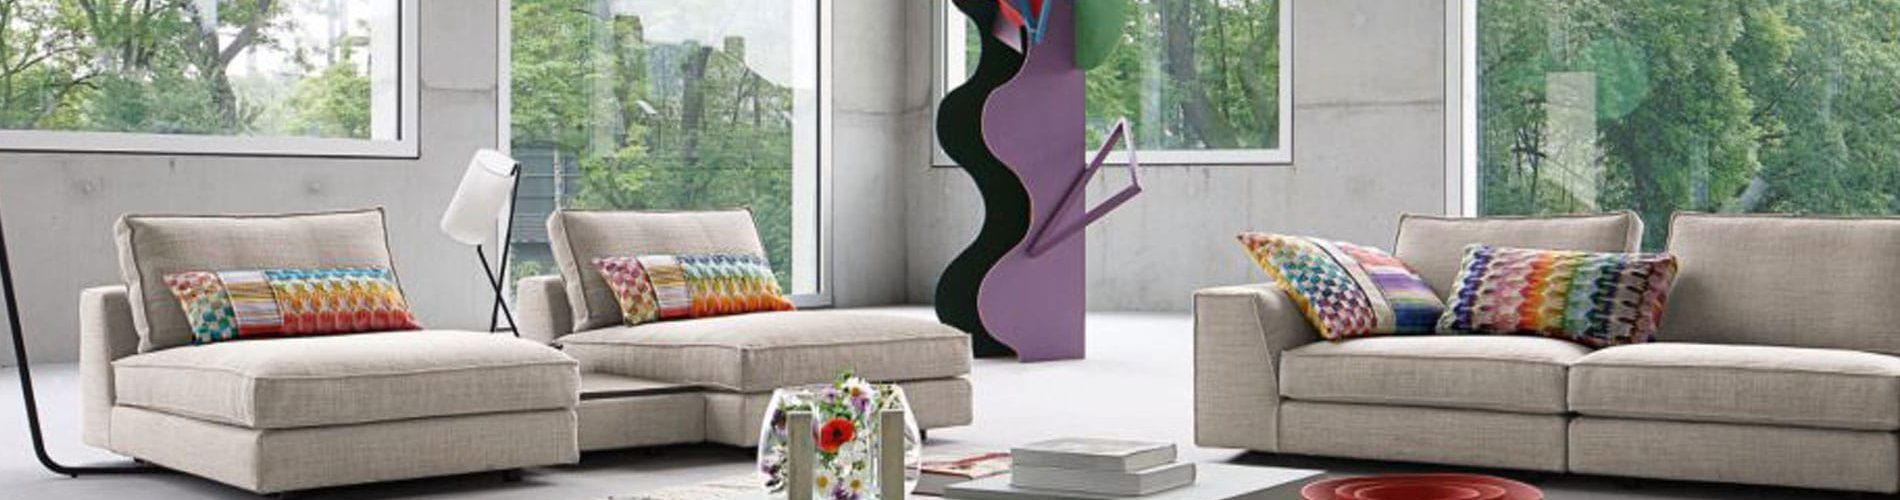 Canape Roche Bobois Degriffe Inspirant Galerie Ment Choisir son Canap Perfect Le Plus Populaire Vente Flash